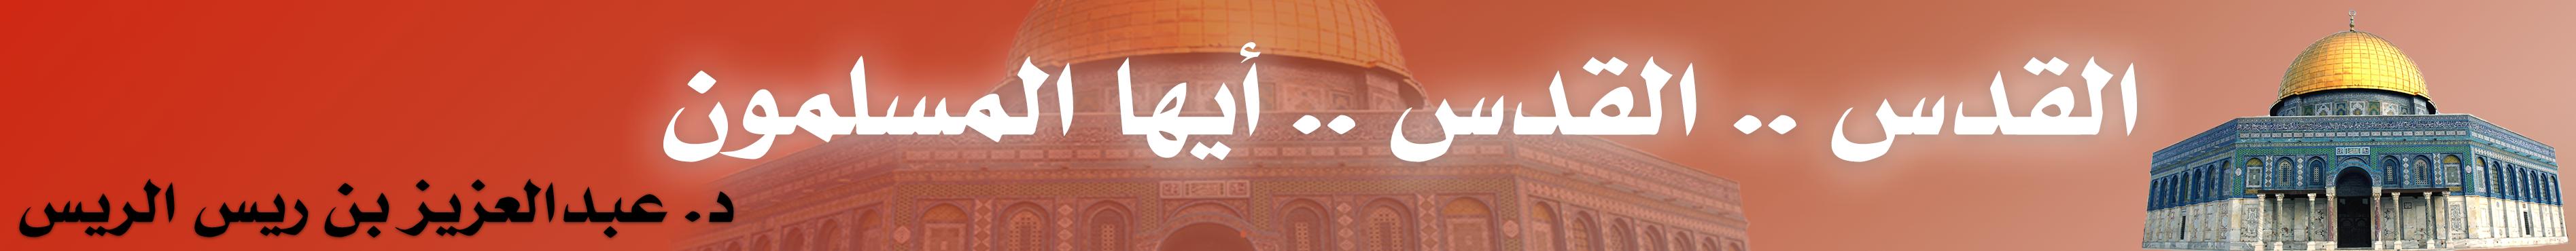 القدس القدس أيها المسلمون